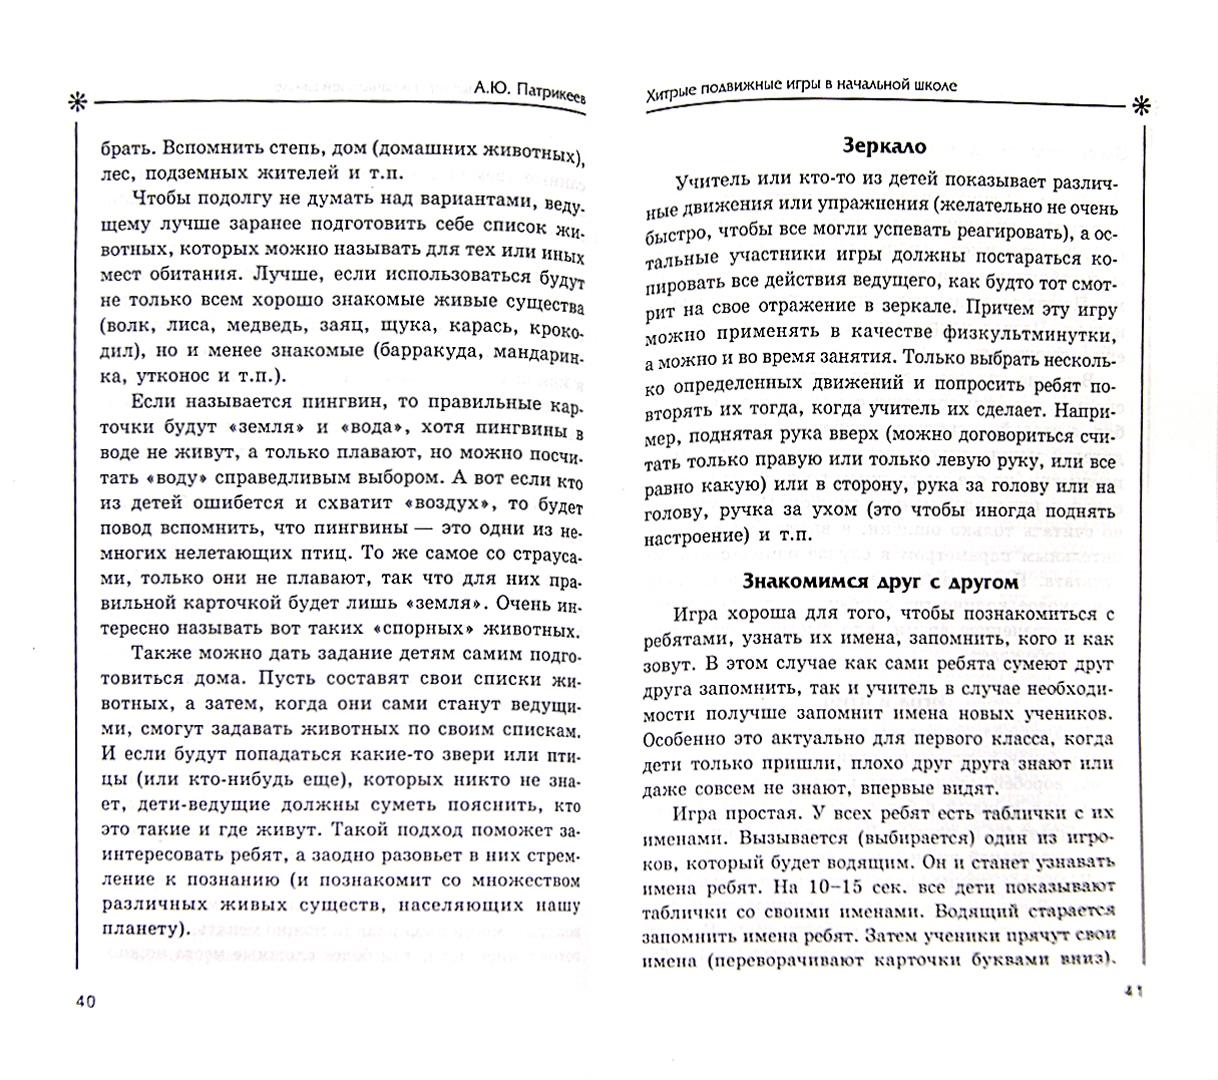 Иллюстрация 1 из 18 для Хитрые подвижные игры в начальной школе - Артем Патрикеев | Лабиринт - книги. Источник: Лабиринт